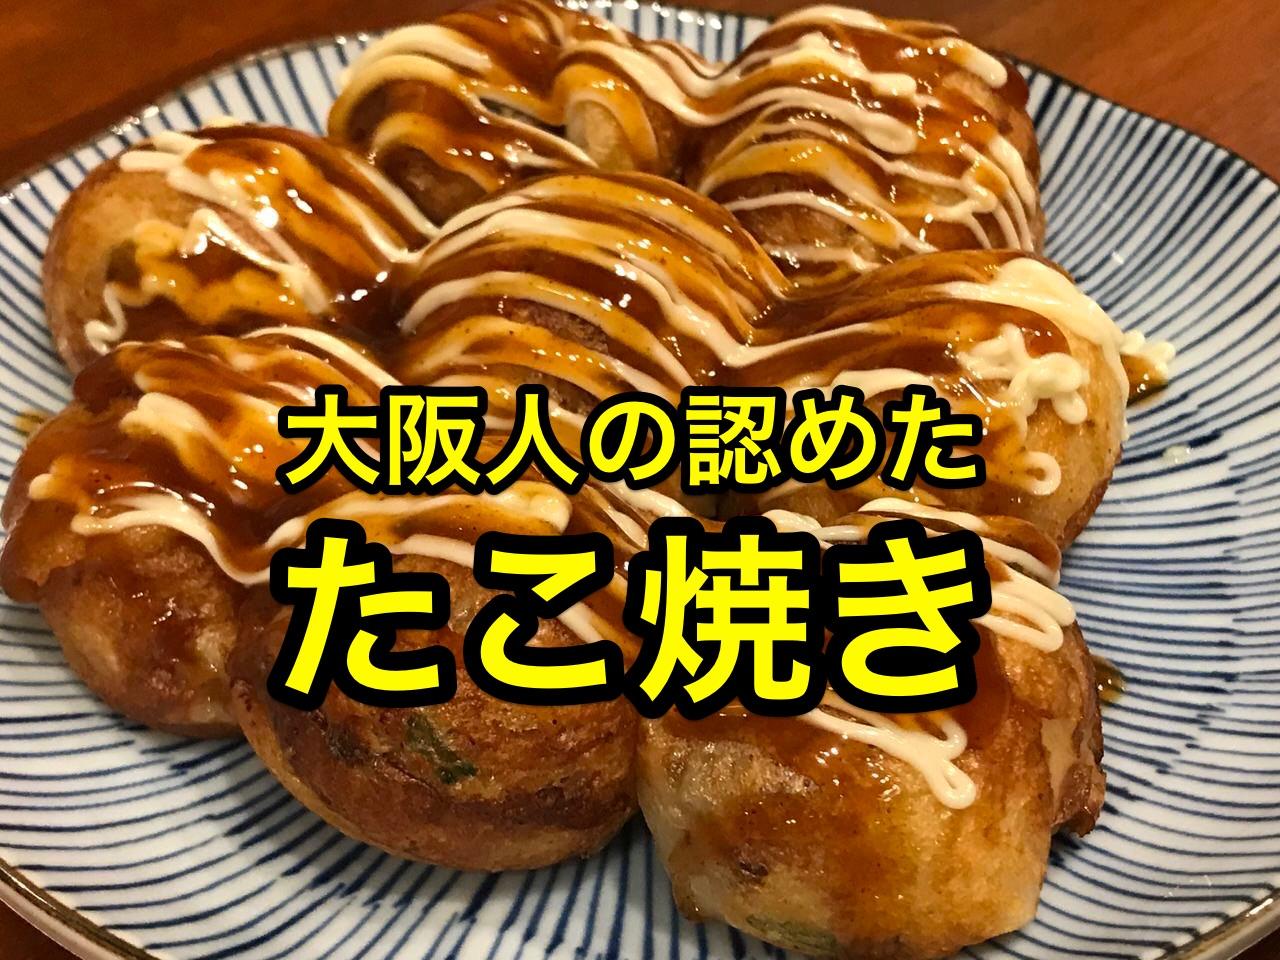 これが大阪の味やで!「天王寺 はち八(大塚)」のたこ焼きは関西出身者を唸らせる本格派!